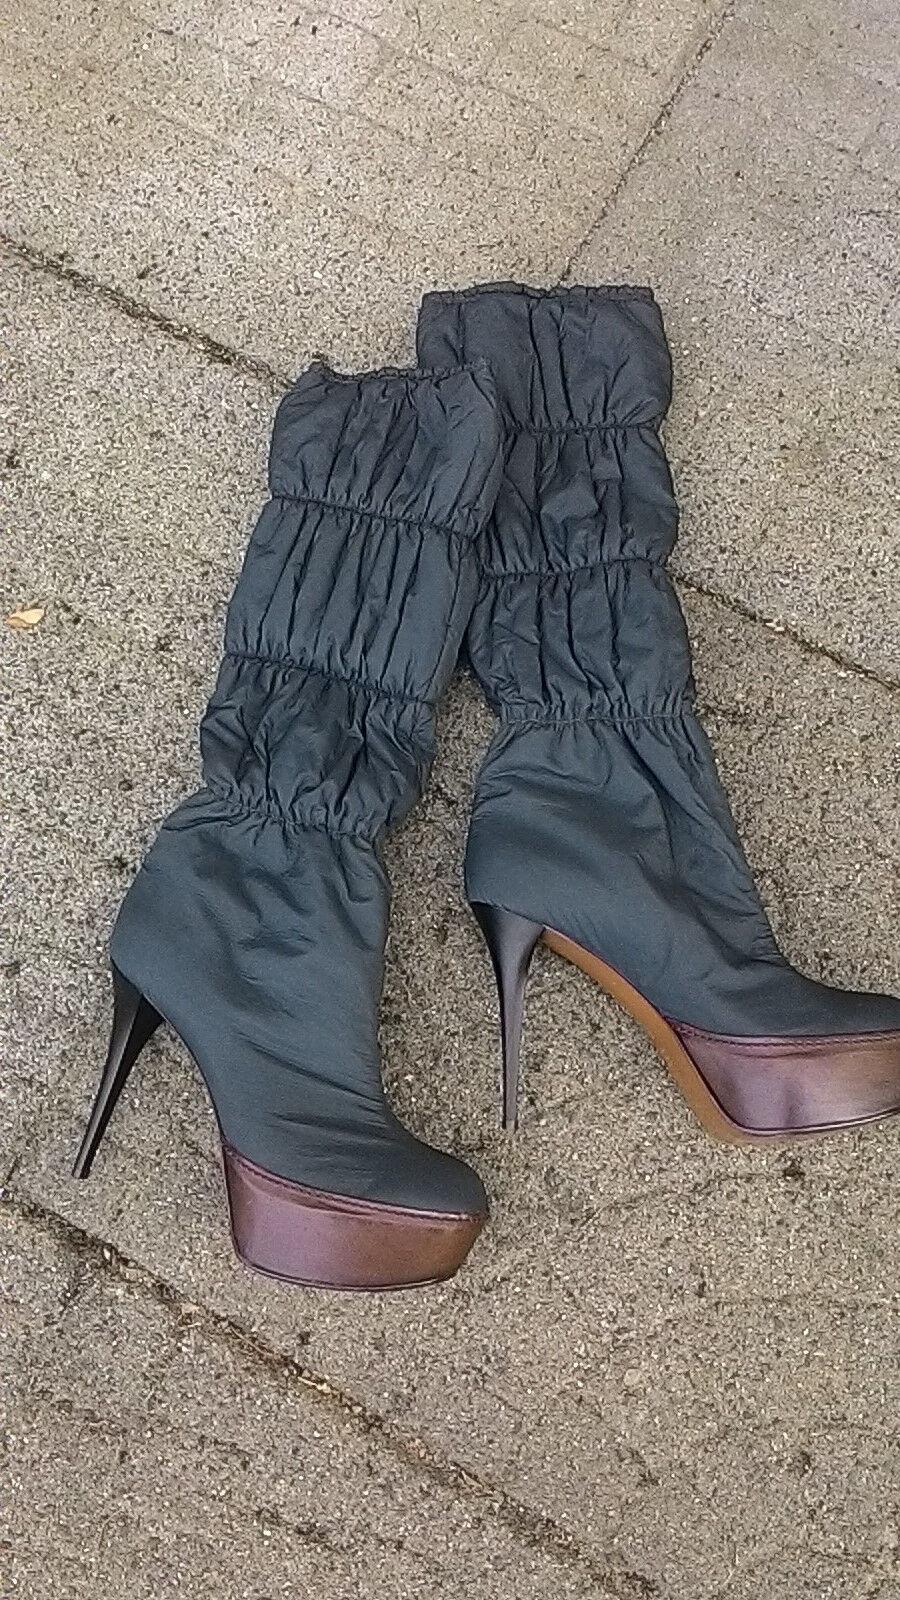 MARNI Blau KNEE Stiefel HIGH Heel PLATFORM Stiefel KNEE BN GENUINE  Größe 41+ LEATHER TRIM b10ffd